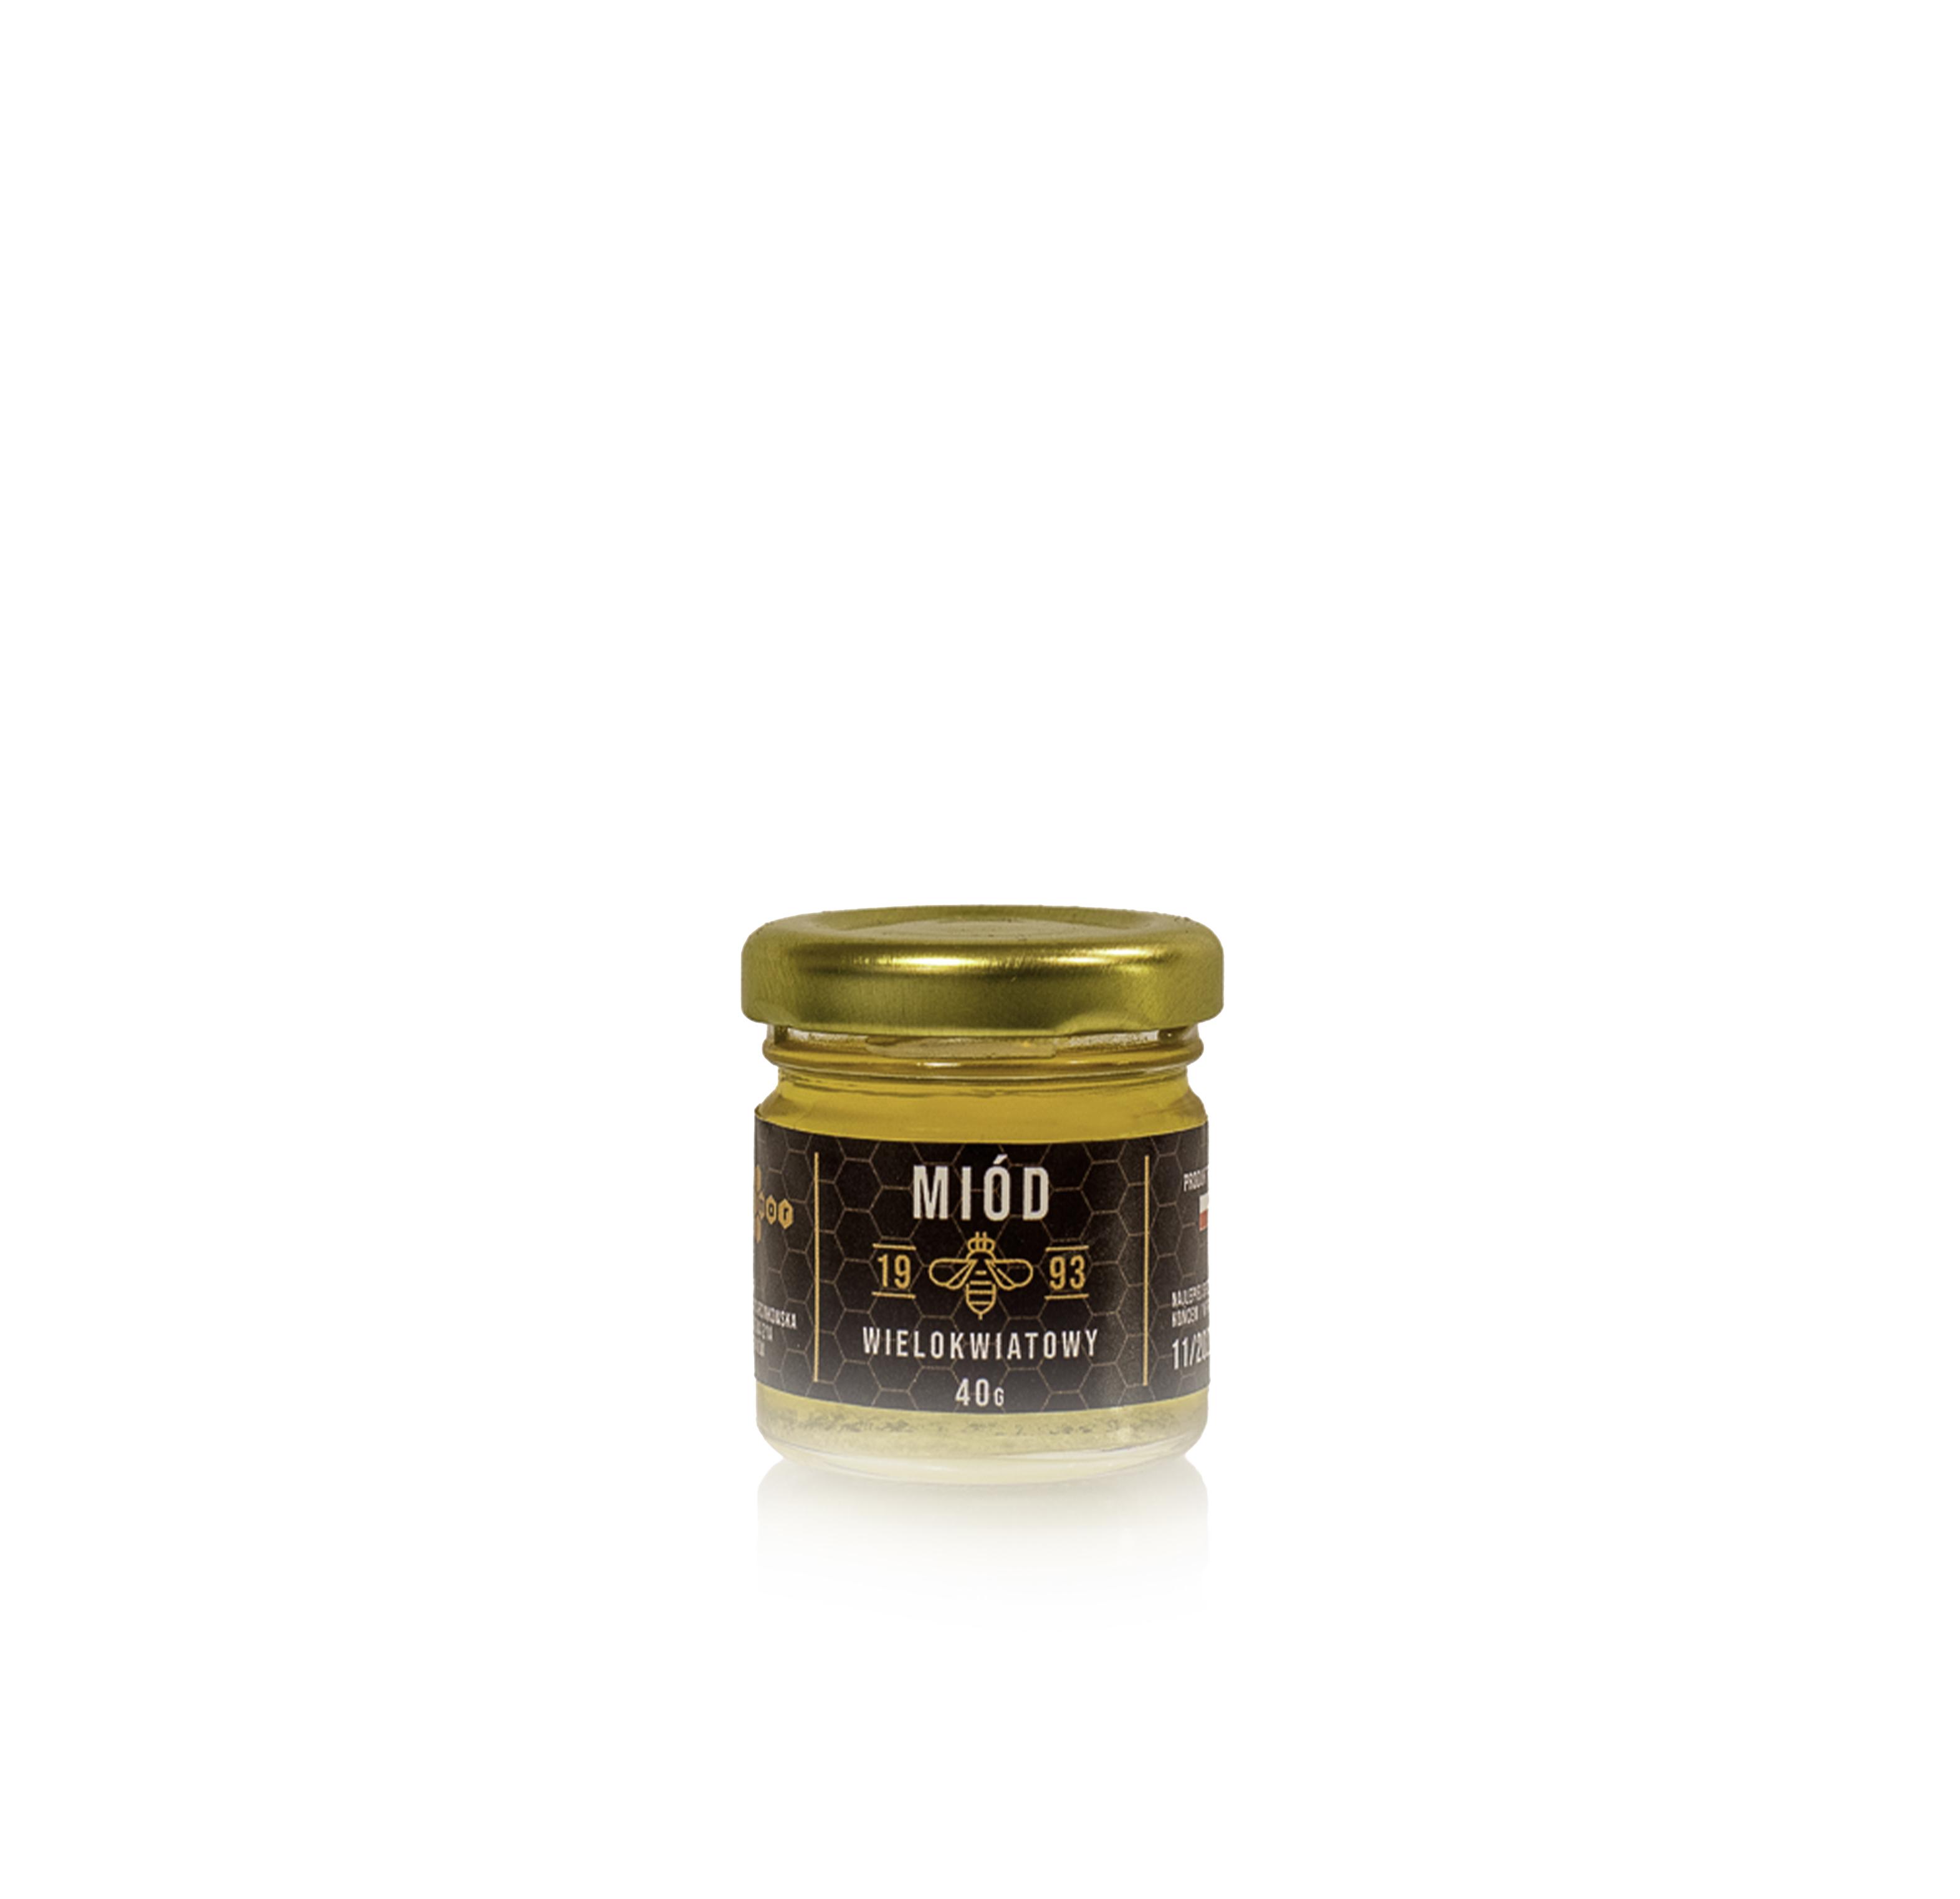 Miody crop 10